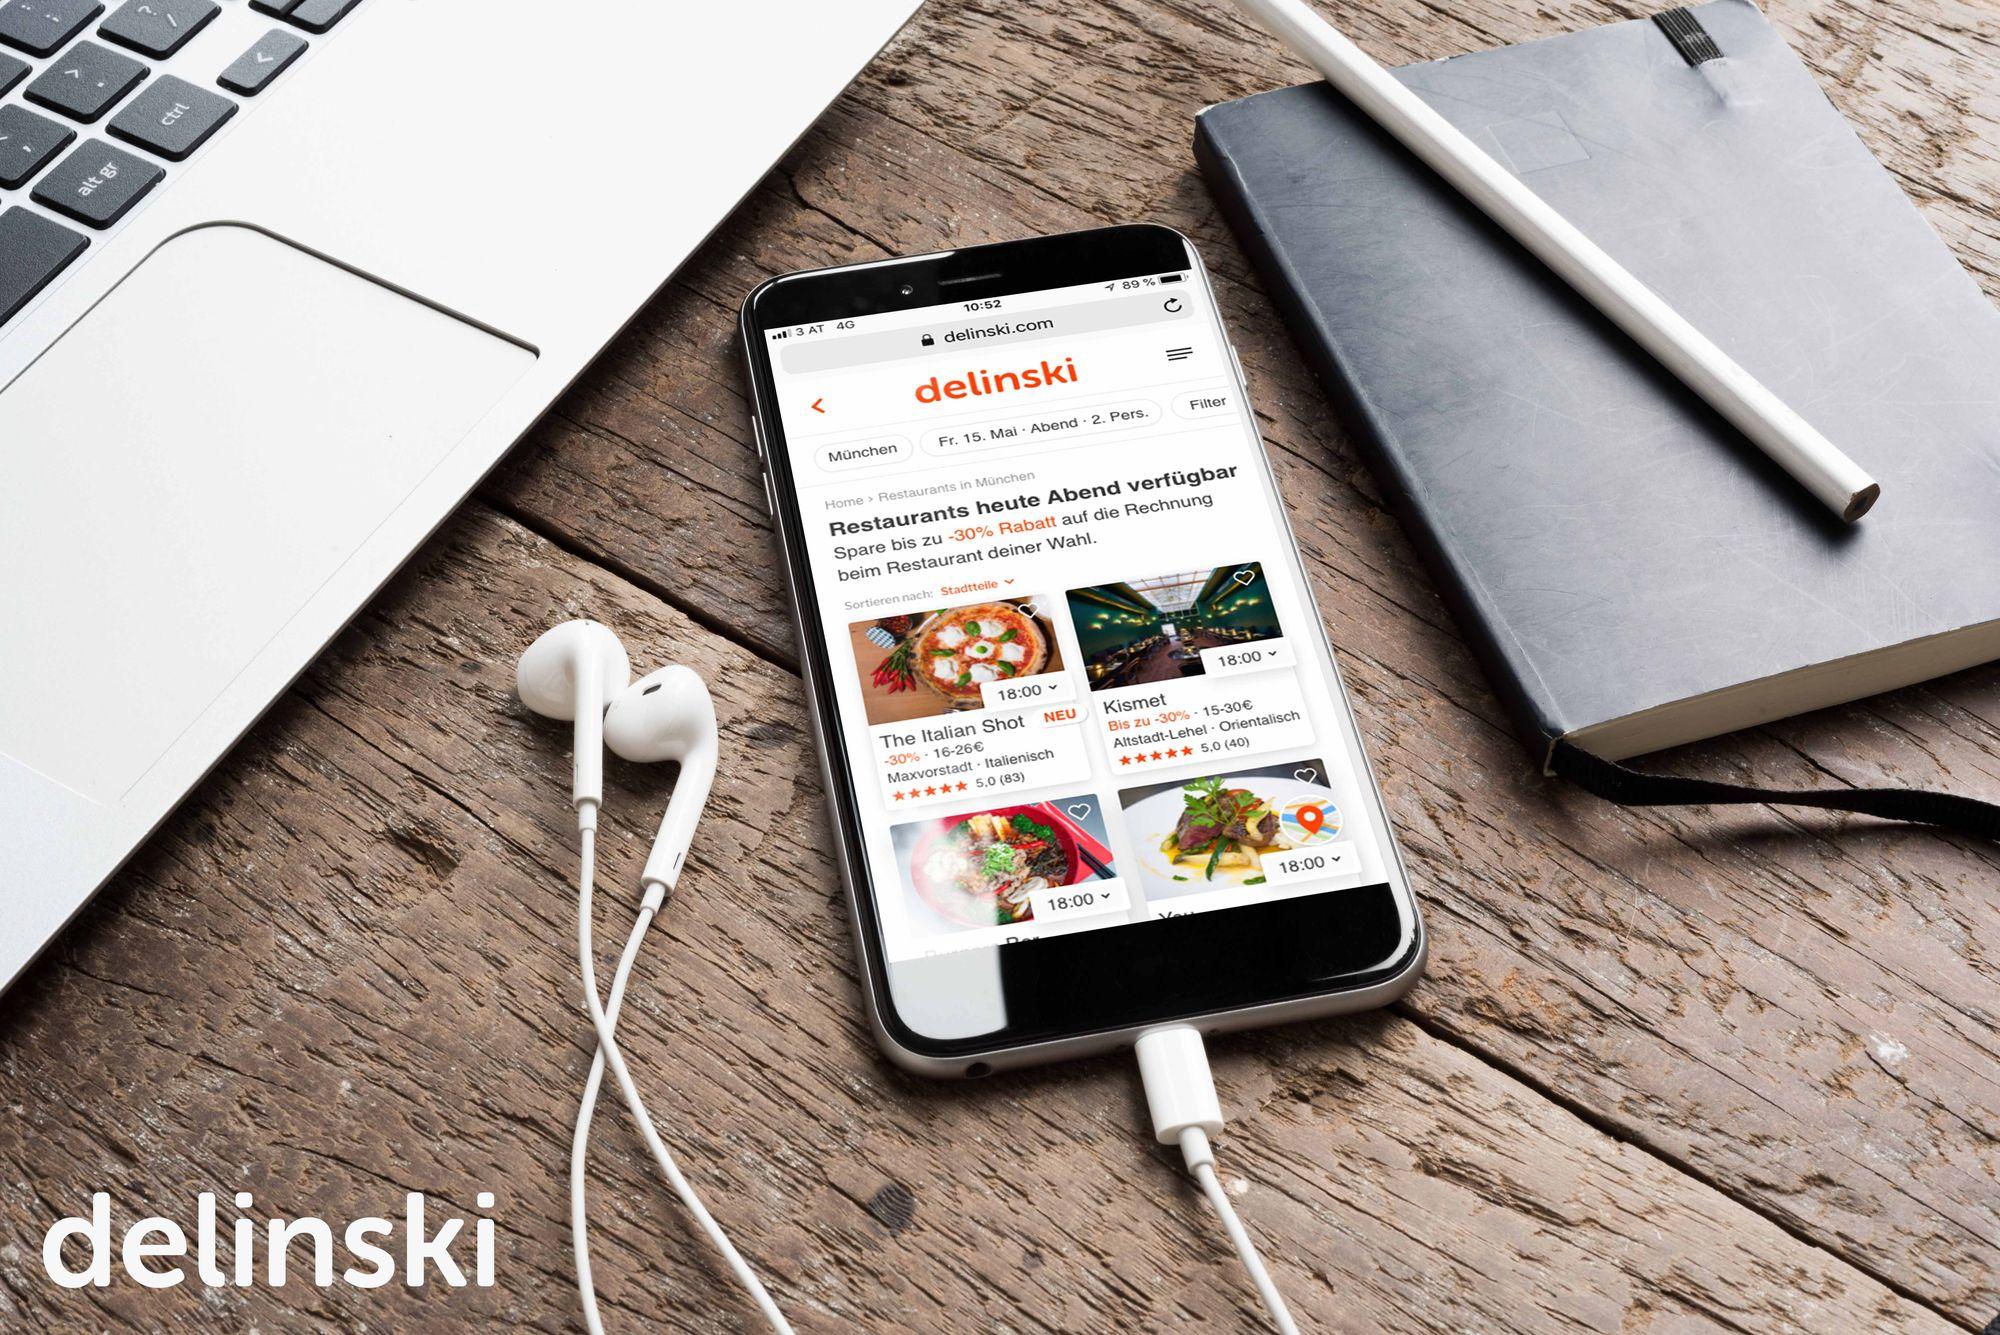 delinski_Bildmaterial_delinski-App 222